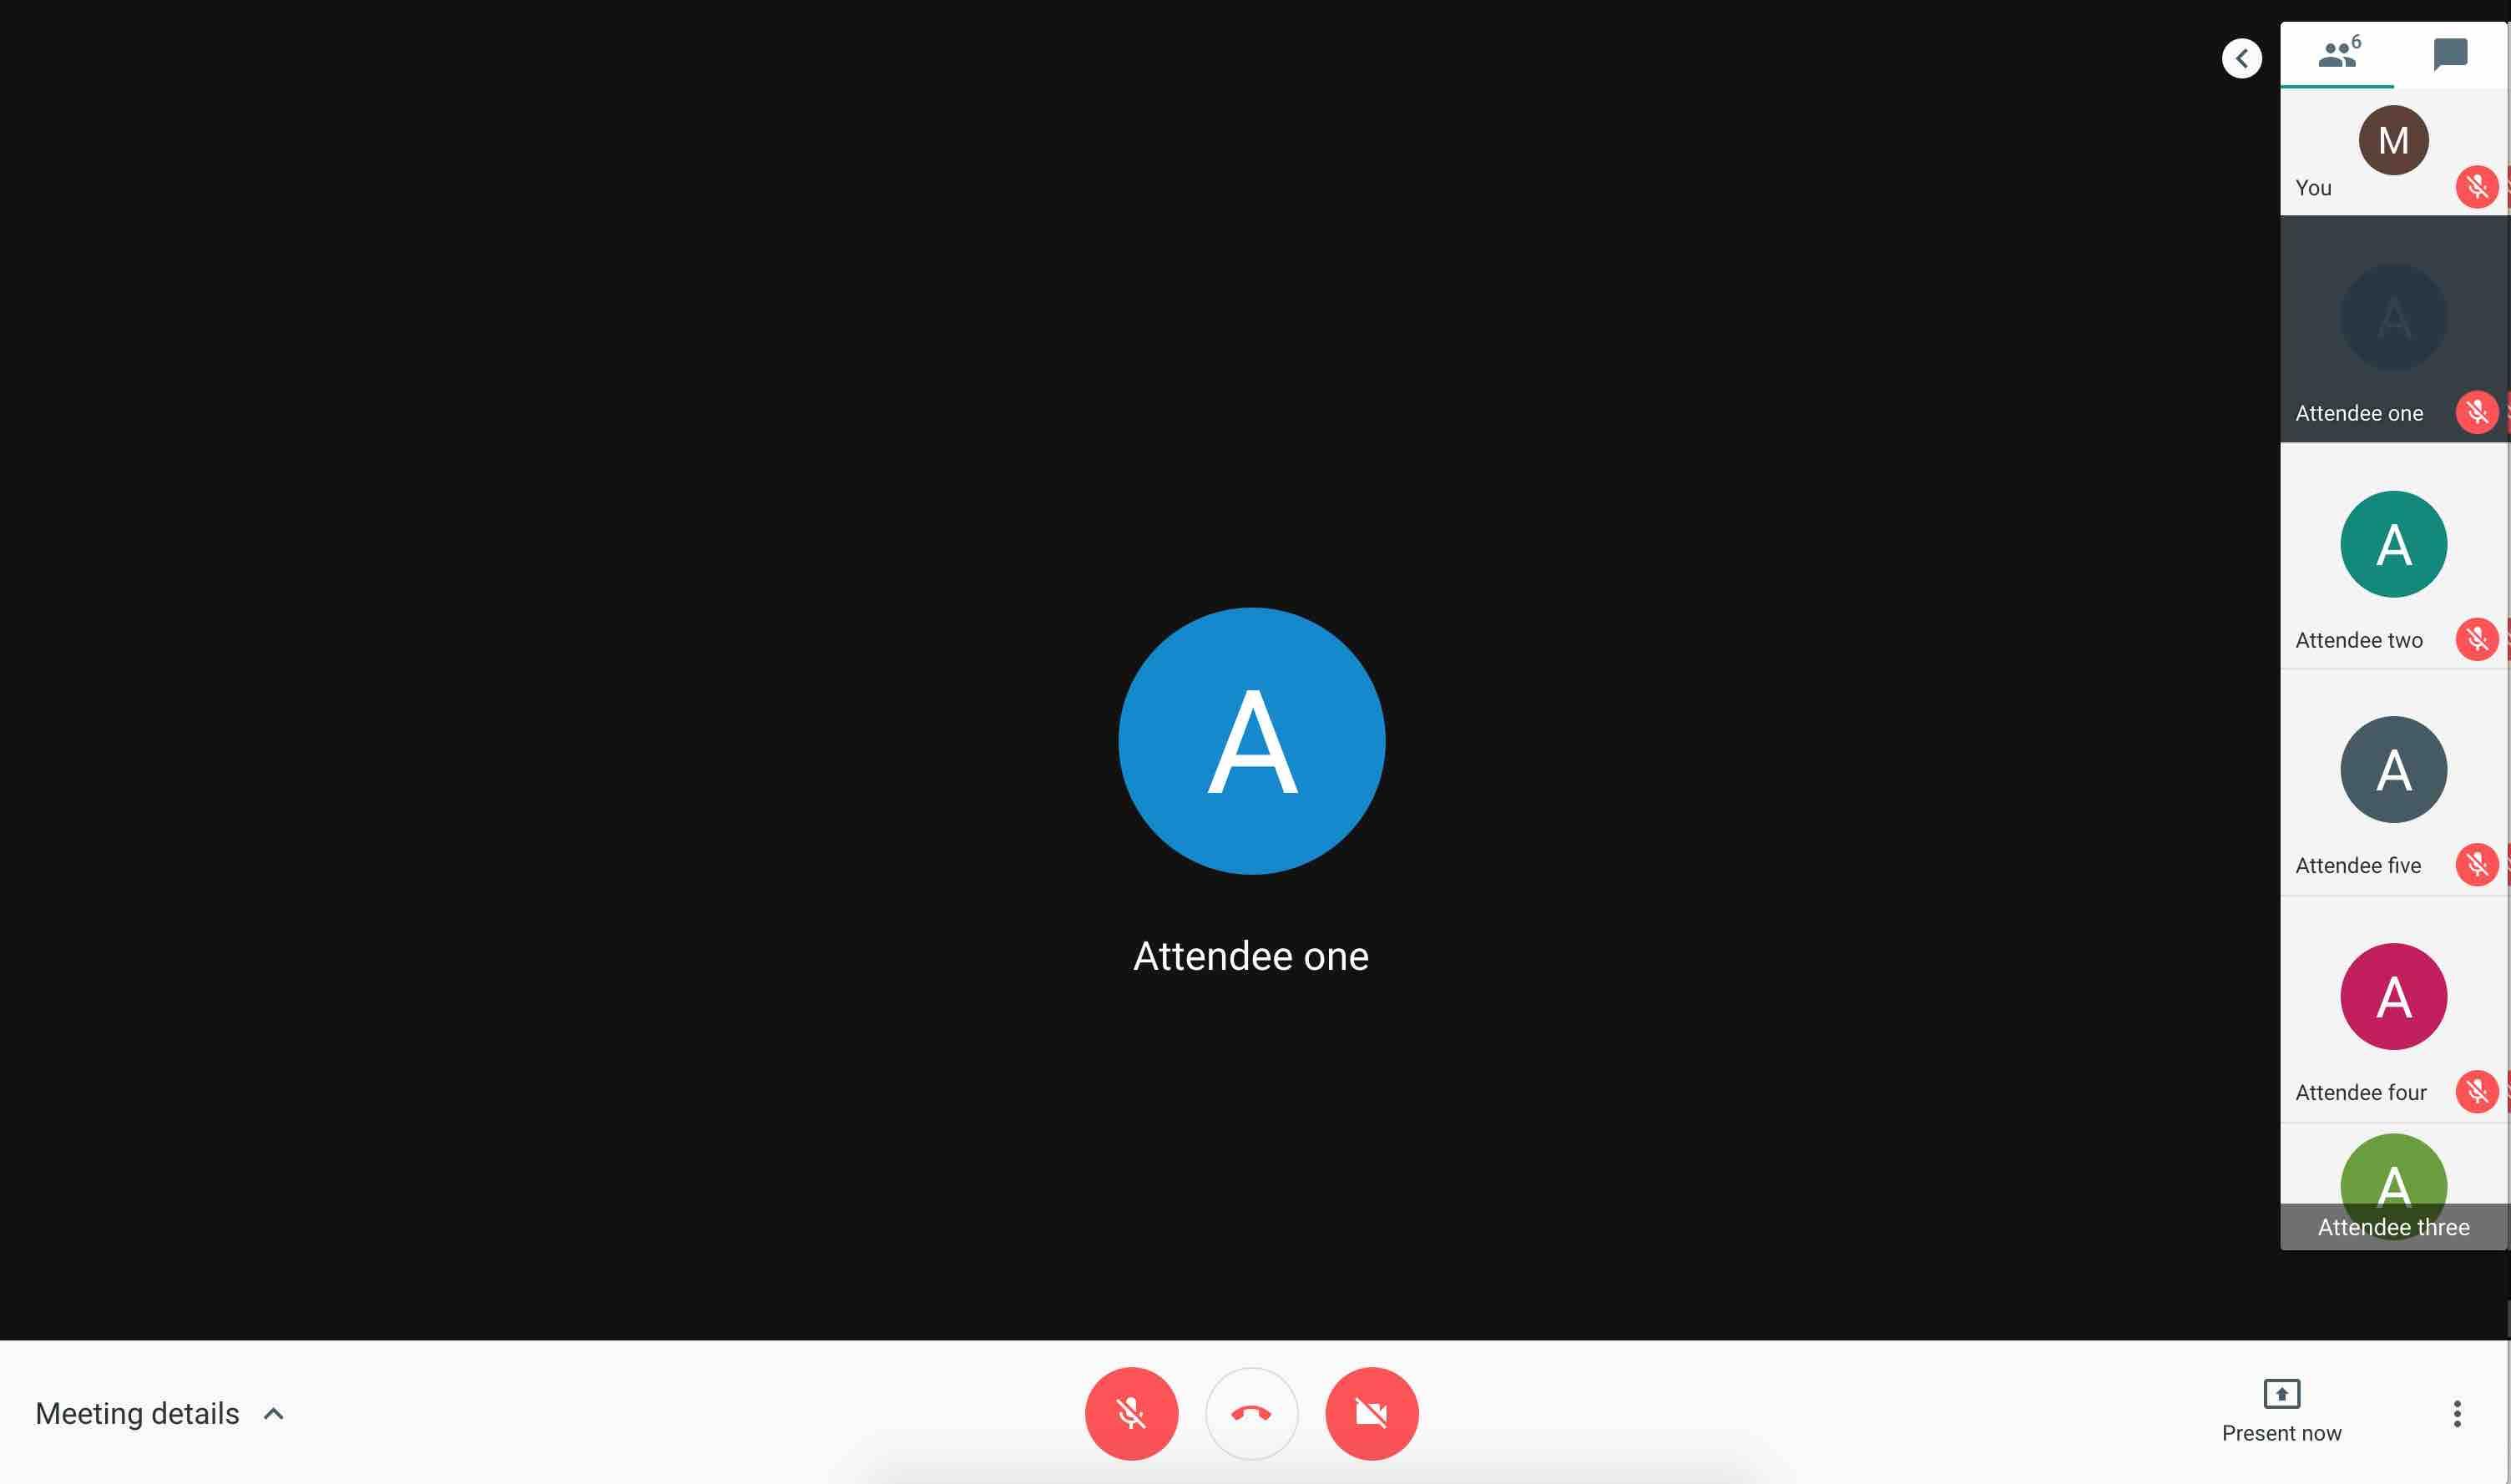 GoogleMeetRoulette: Joining random meetings - Martin Vigo